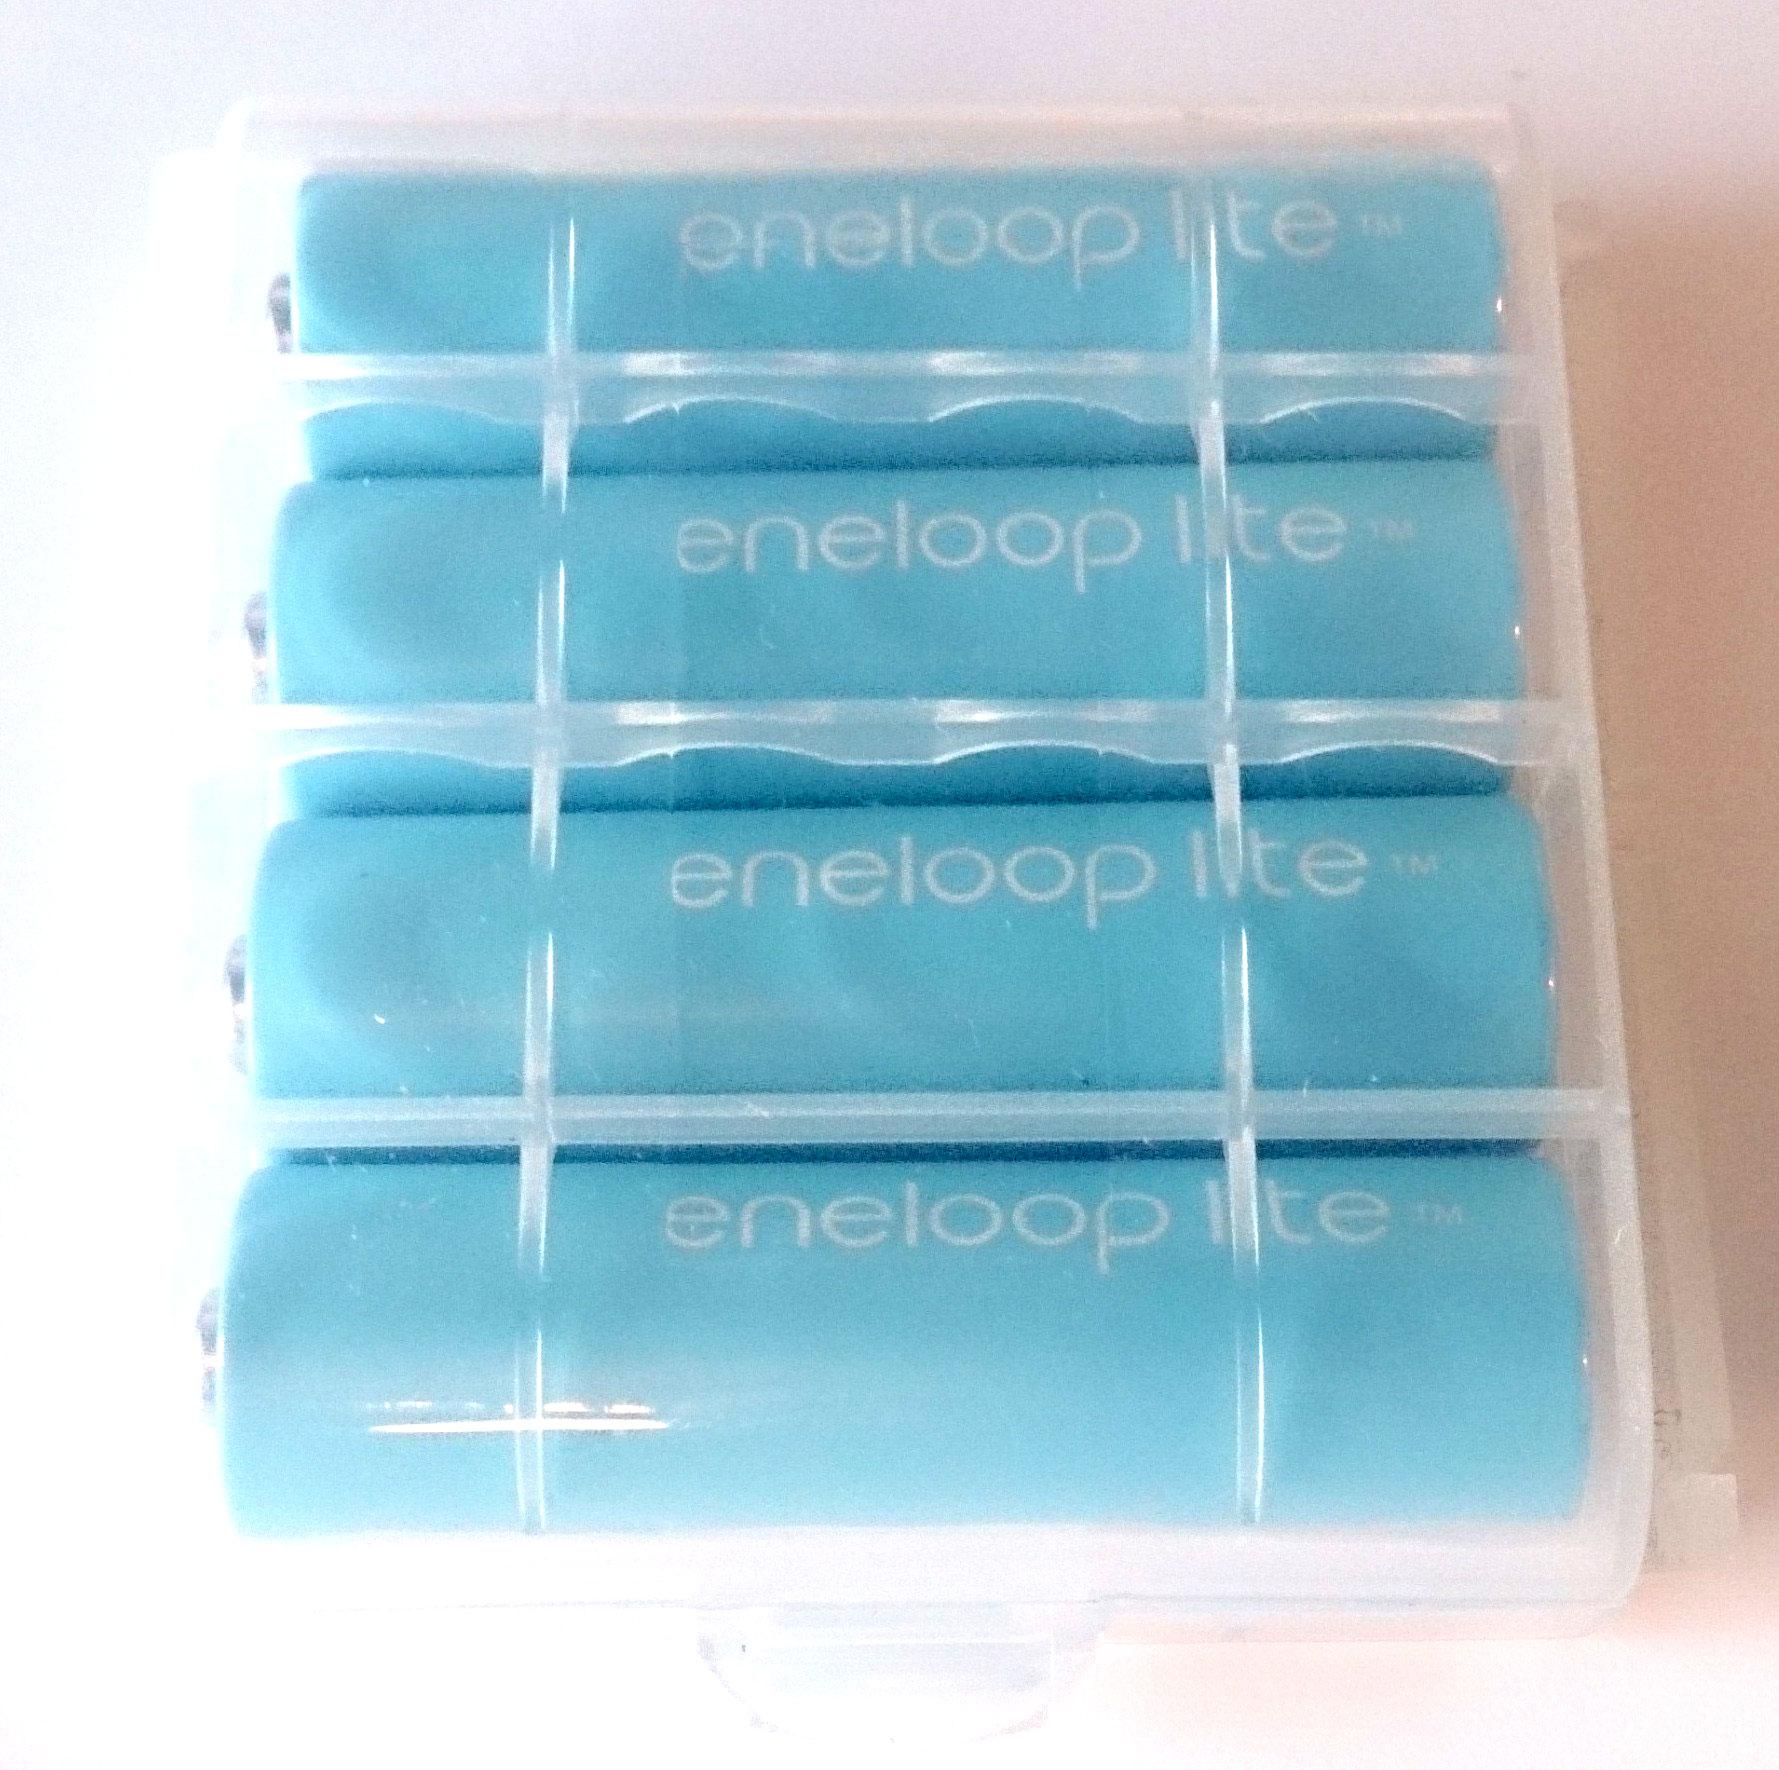 Пальчиковые аккумуляторы Panasonic Eneloop Lite 1000 mAh (min 950 mAh) BK-3LCCE в боксе